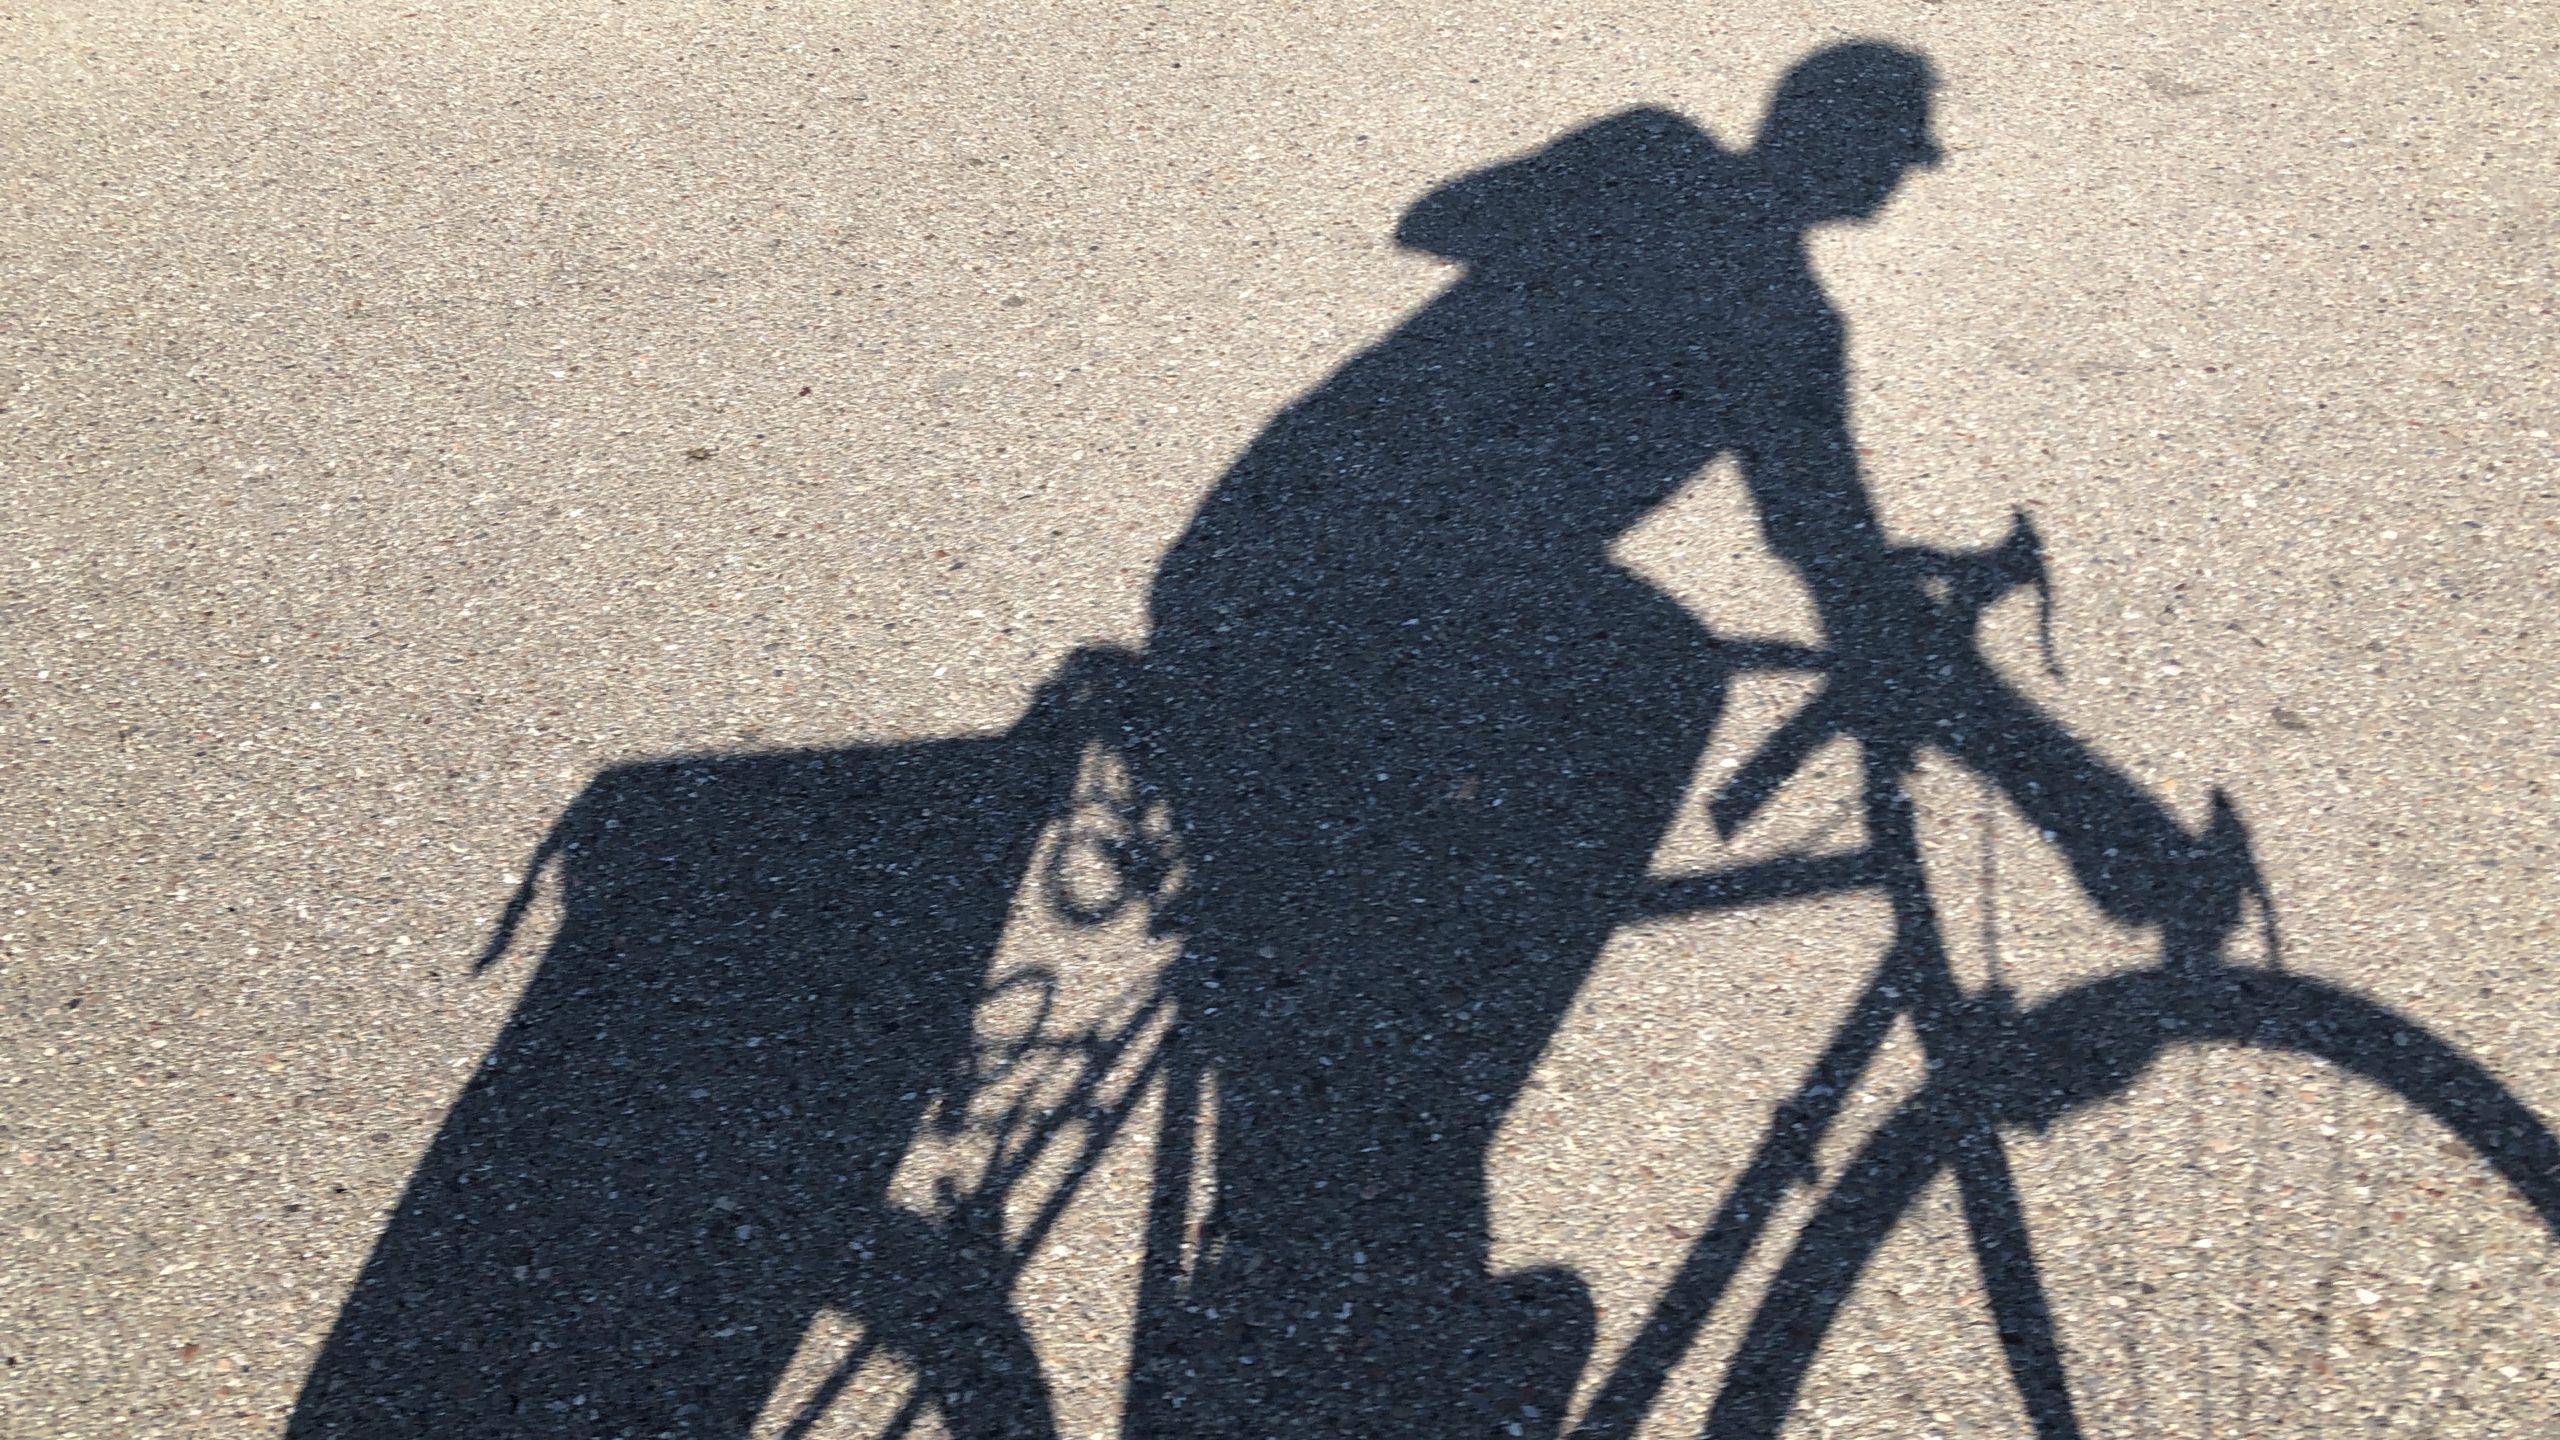 Schatten eines radfahrers